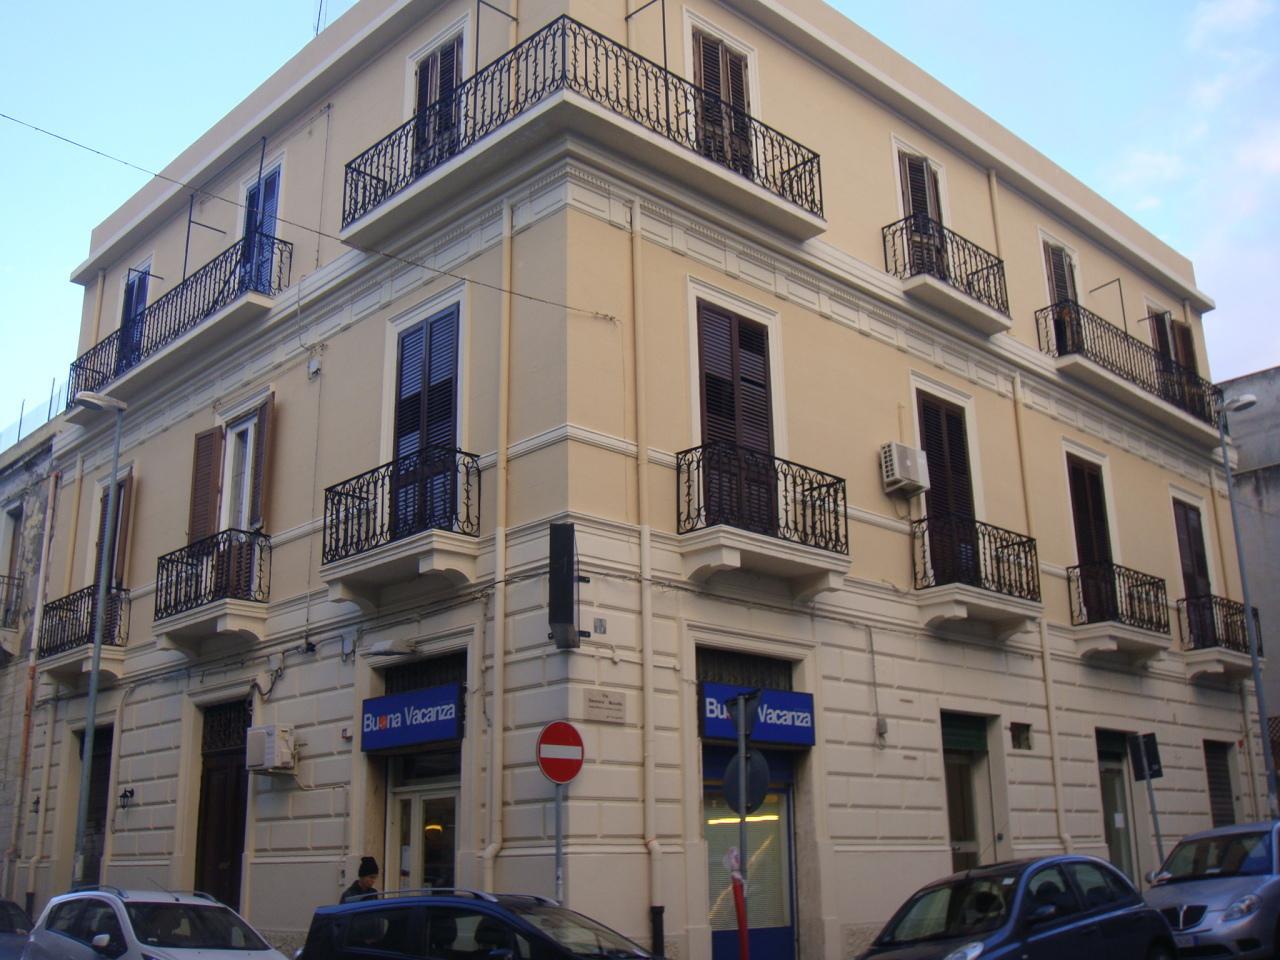 Magazzino in vendita a Reggio Calabria, 2 locali, prezzo € 120.000 | Cambio Casa.it